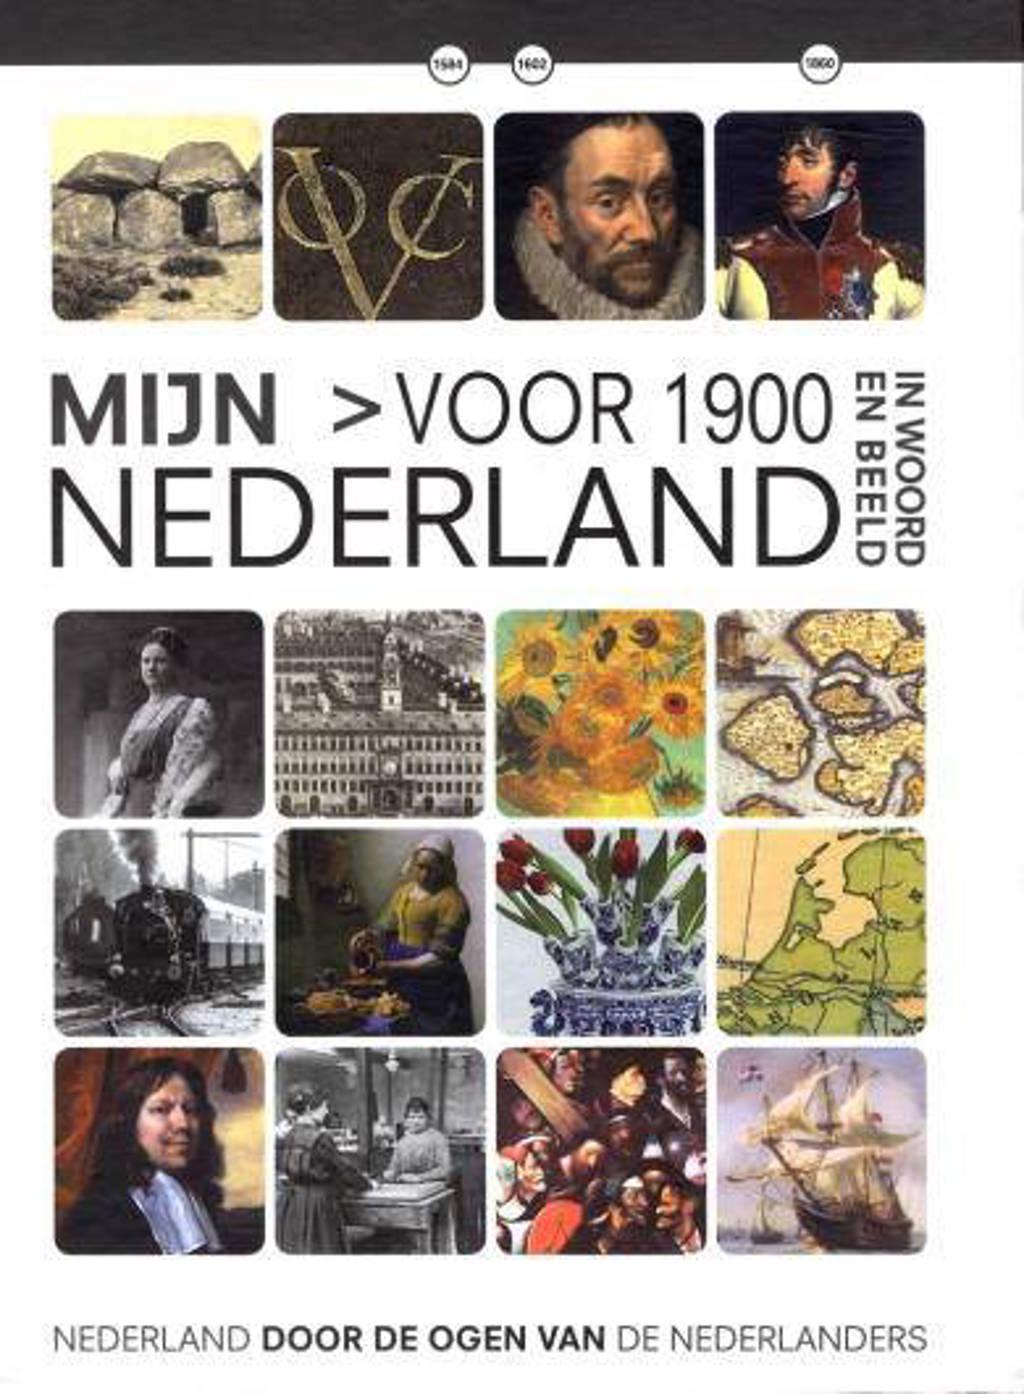 Mijn Nederland in woord en beeld - Voor 1900 (DVD)